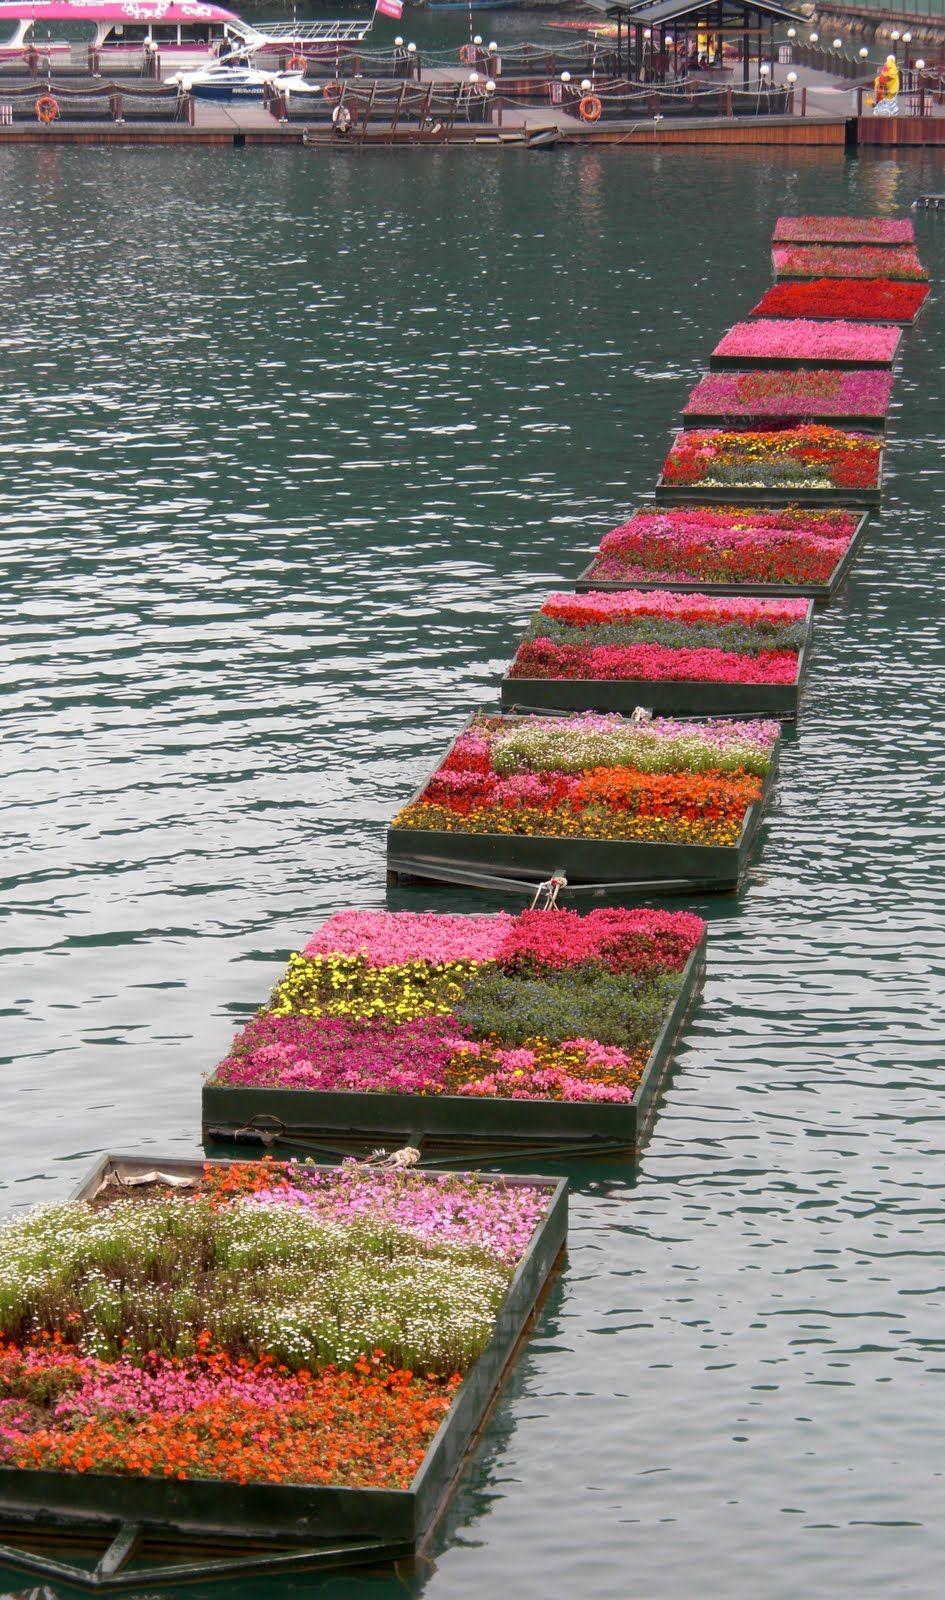 Pam Drijvende Tuin In Bloei Floating Garden Landscape 640 x 480